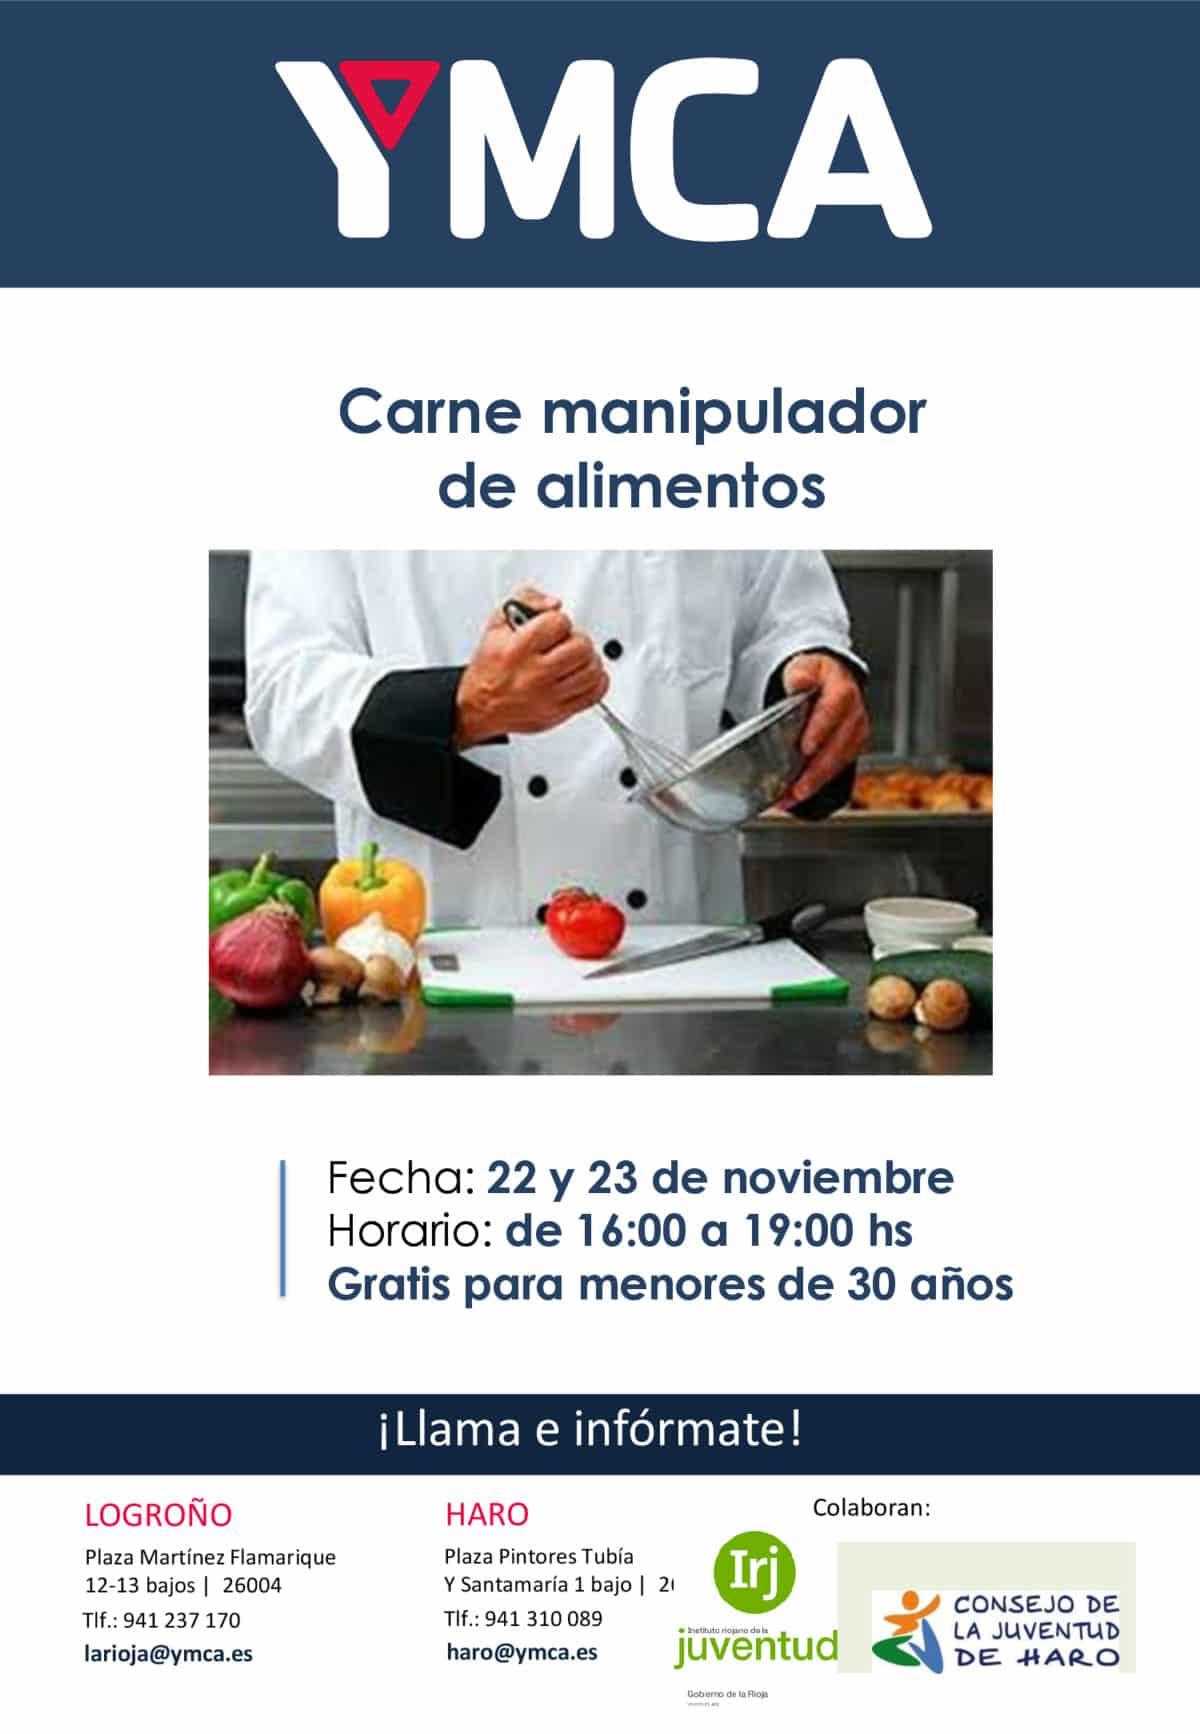 Curso de manipulador de alimentos promovido por YMCA 1